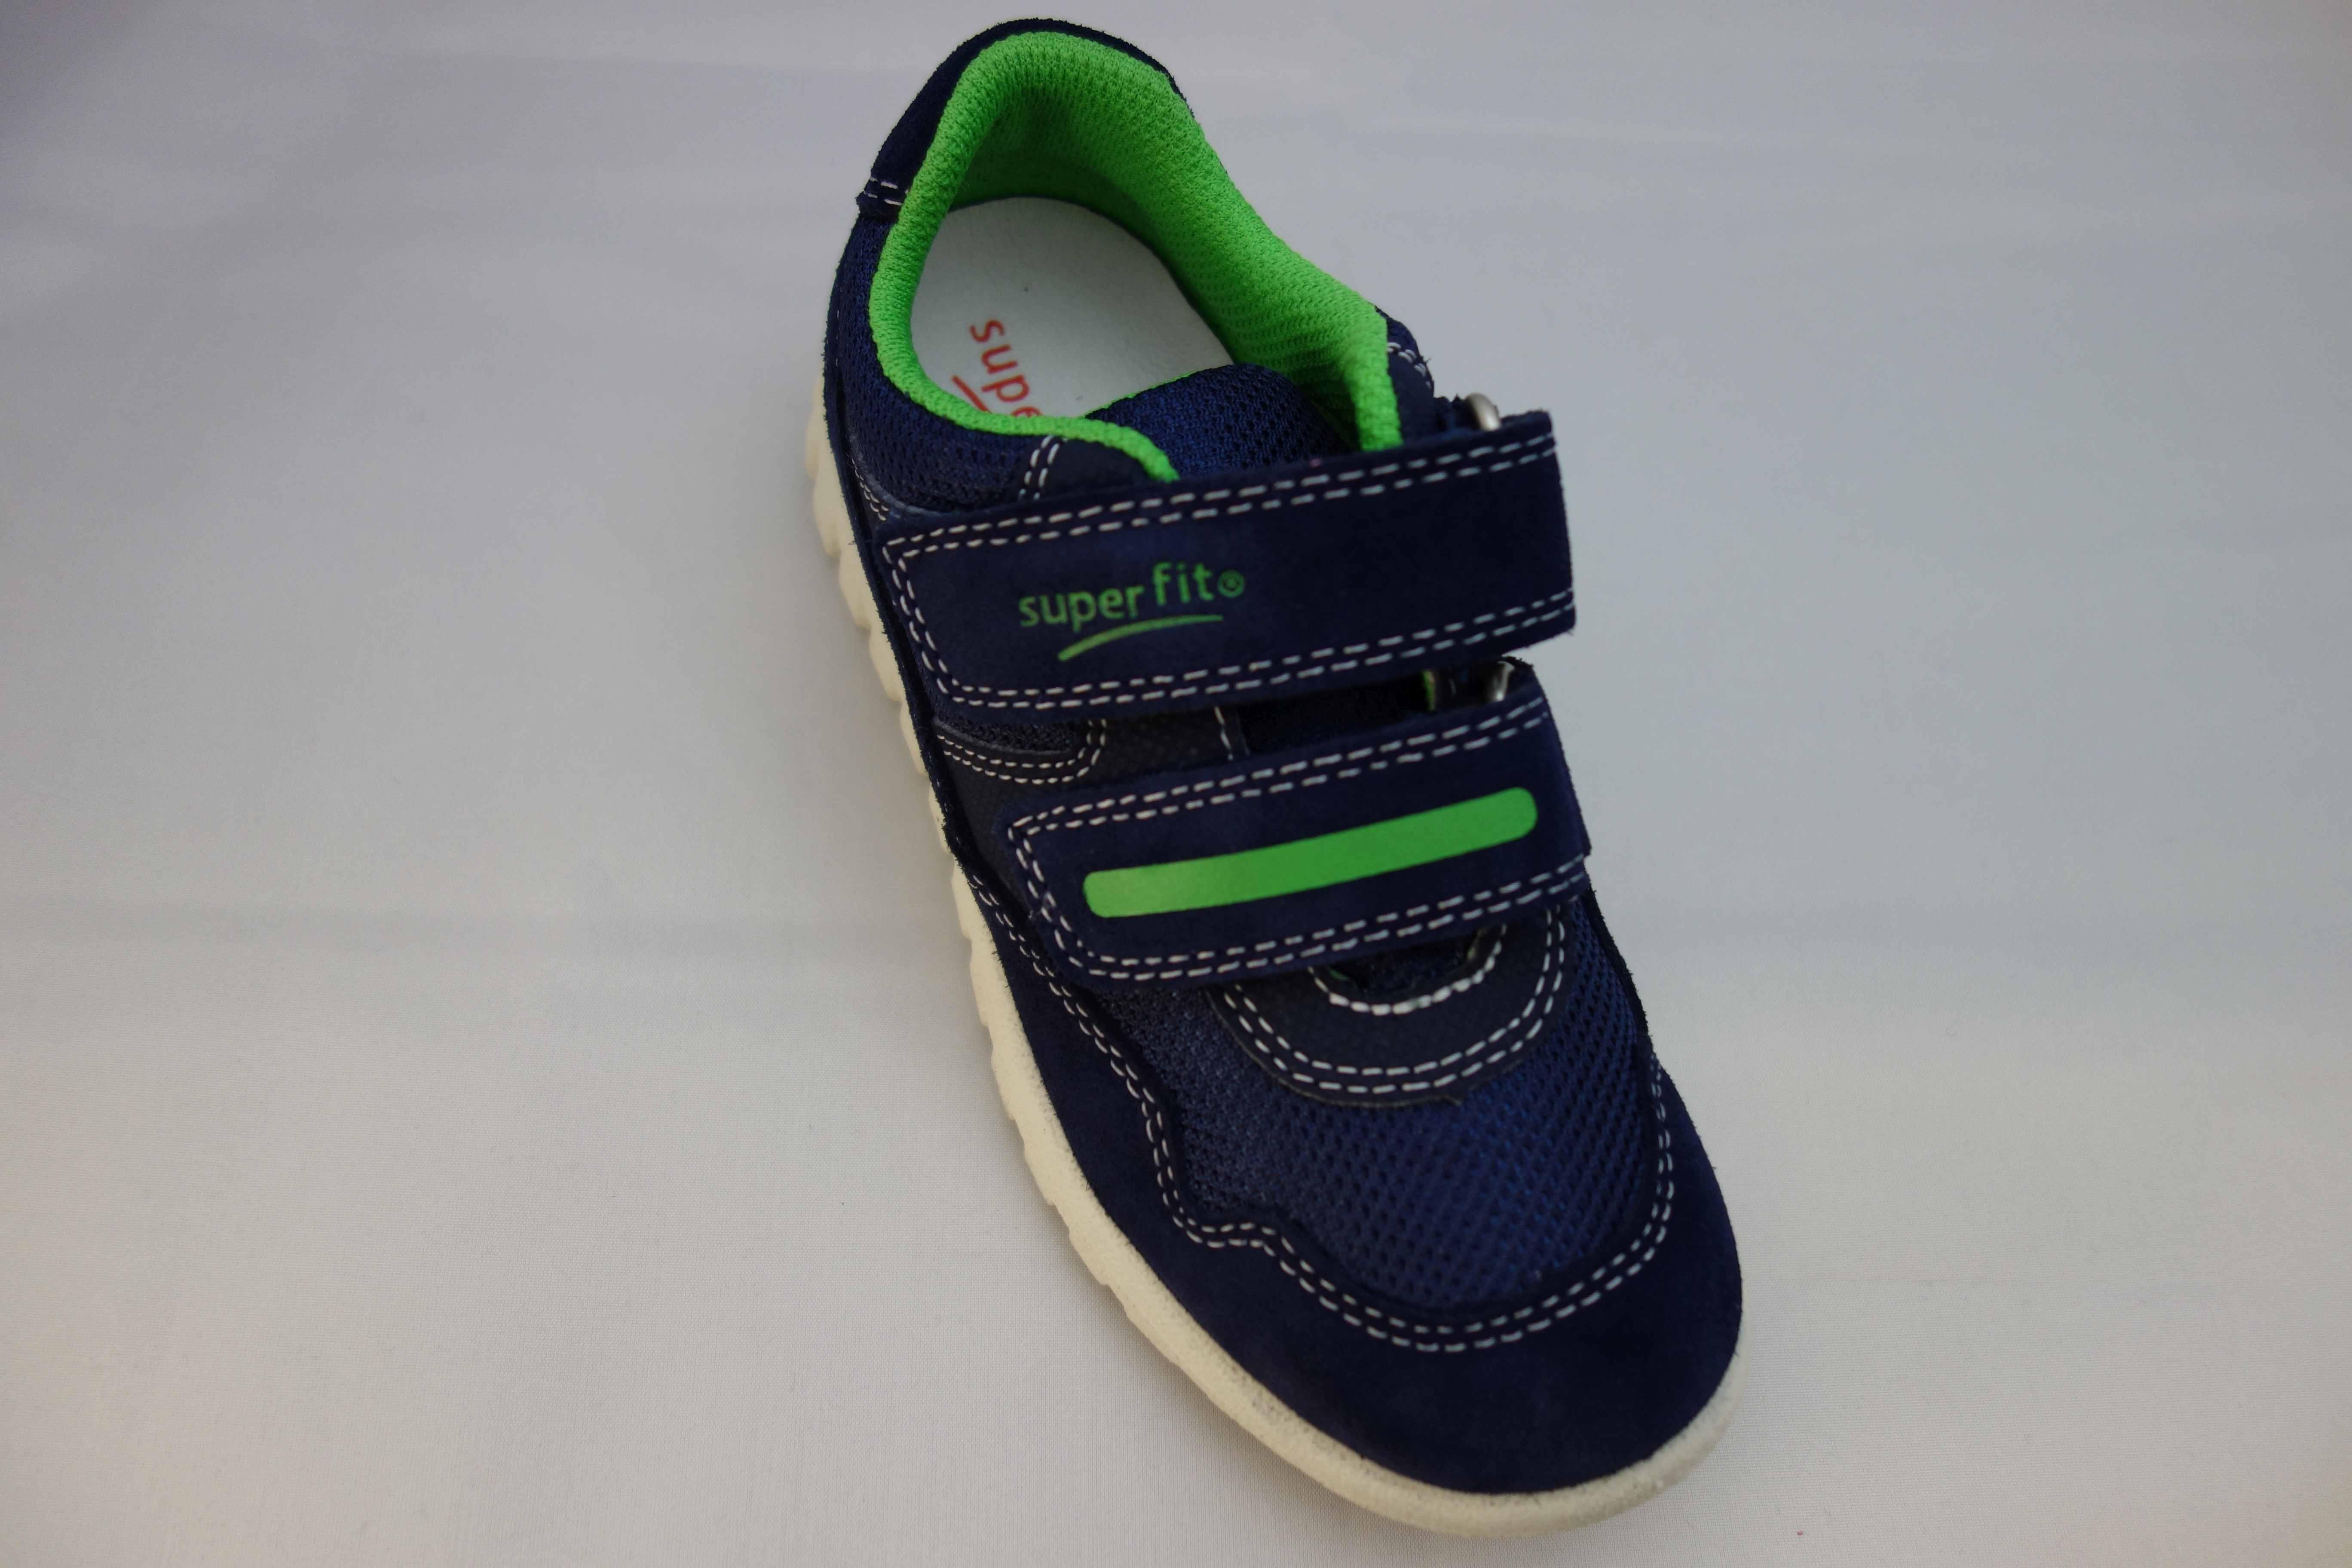 Superfit celoroční dětska bota vzor 09191-81  06d734a667